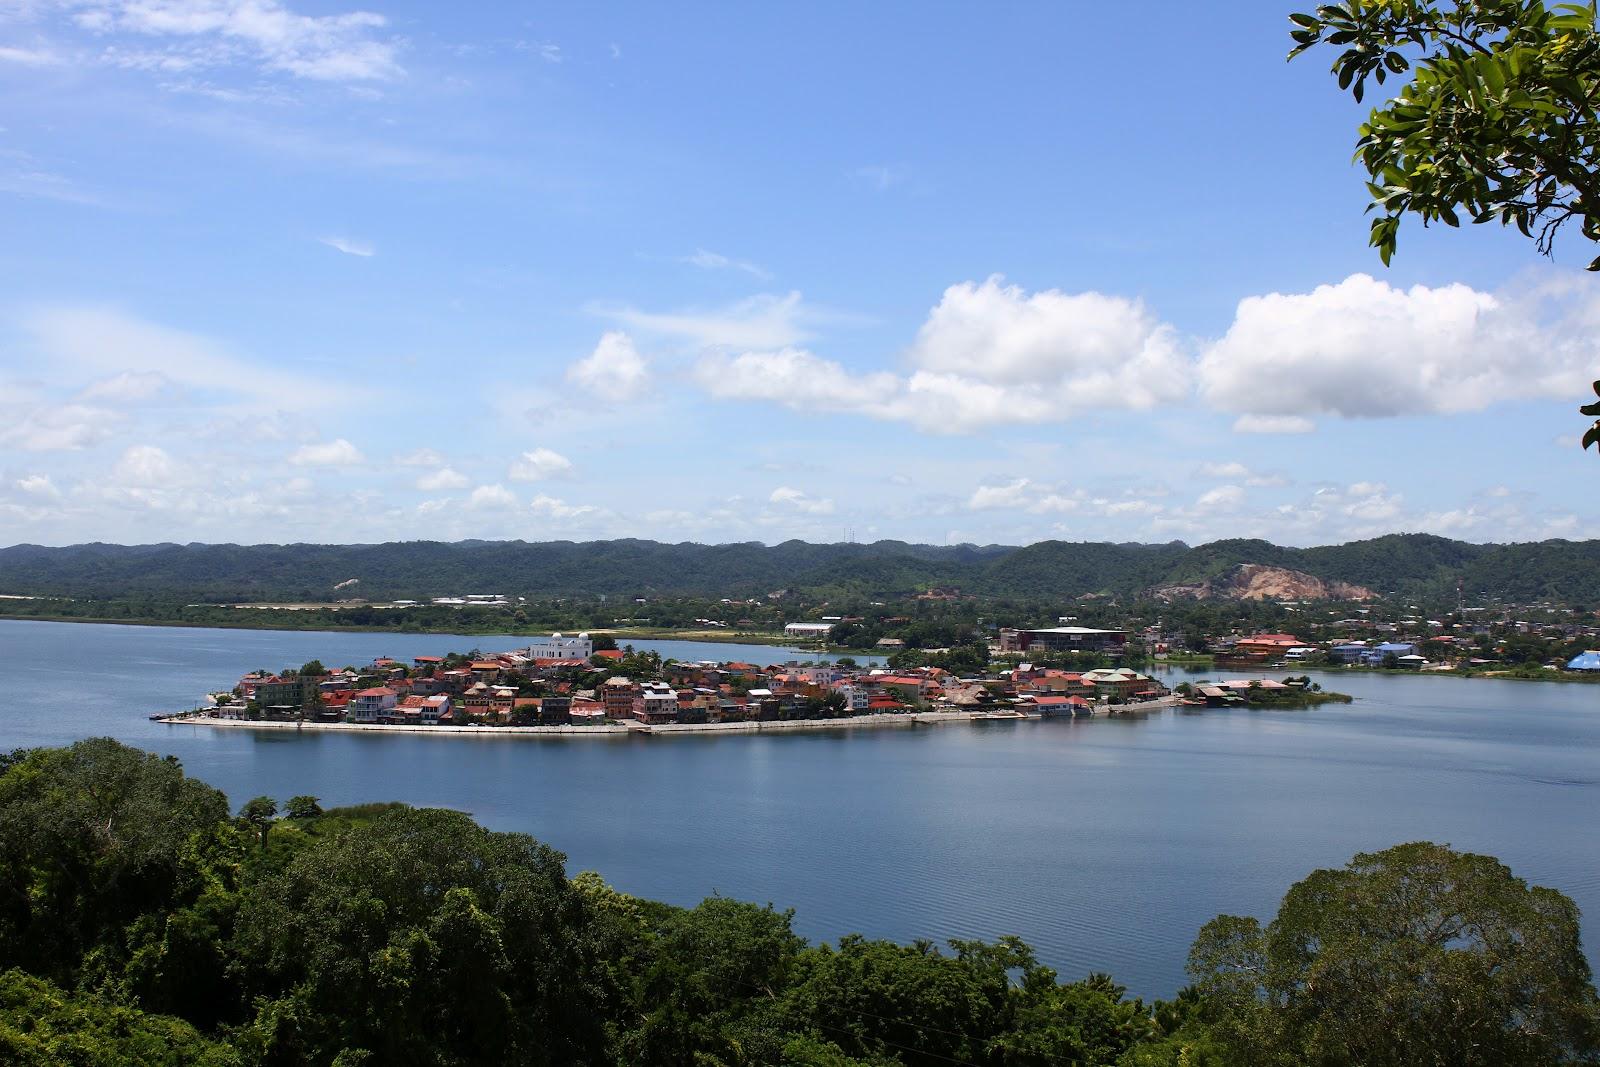 Visitar FLORES da Guatemala, uma pérola no lago El Petén | Guatemala